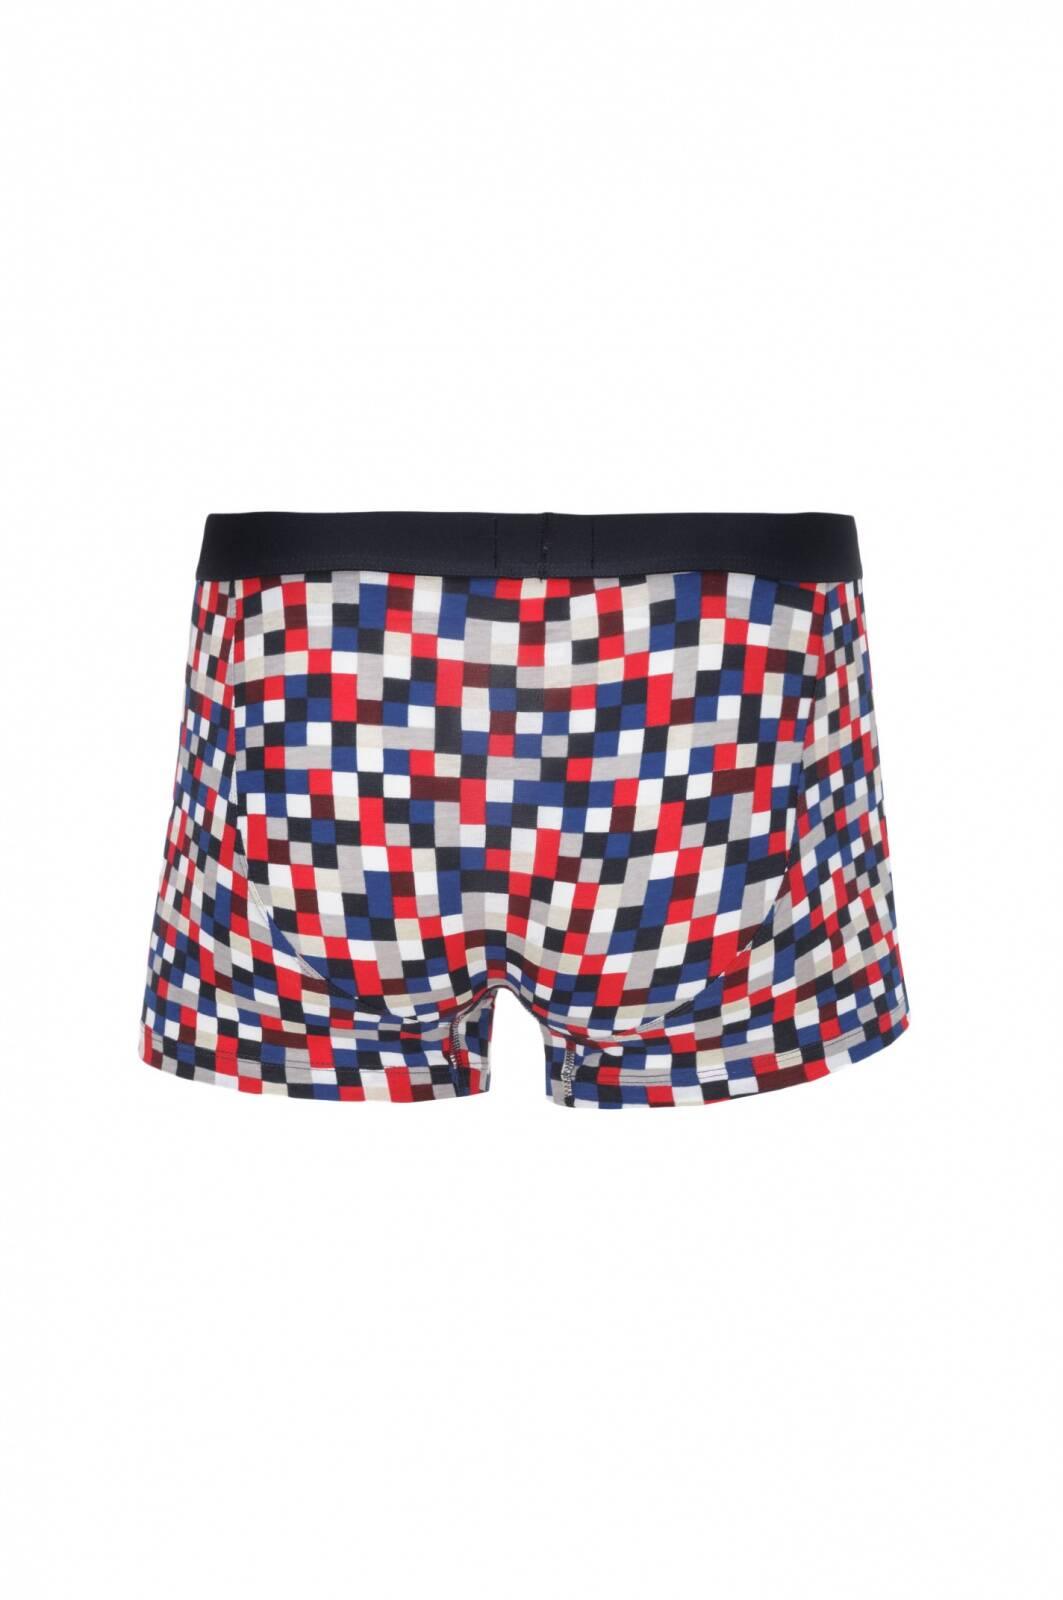 2 pack flag pixel boxer shorts tommy hilfiger navy blue. Black Bedroom Furniture Sets. Home Design Ideas